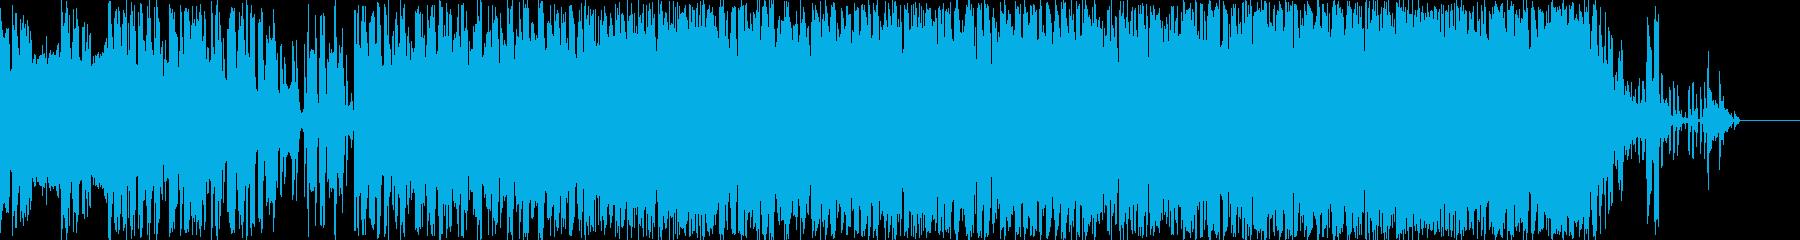 エレクトロニック 技術的な お洒落...の再生済みの波形